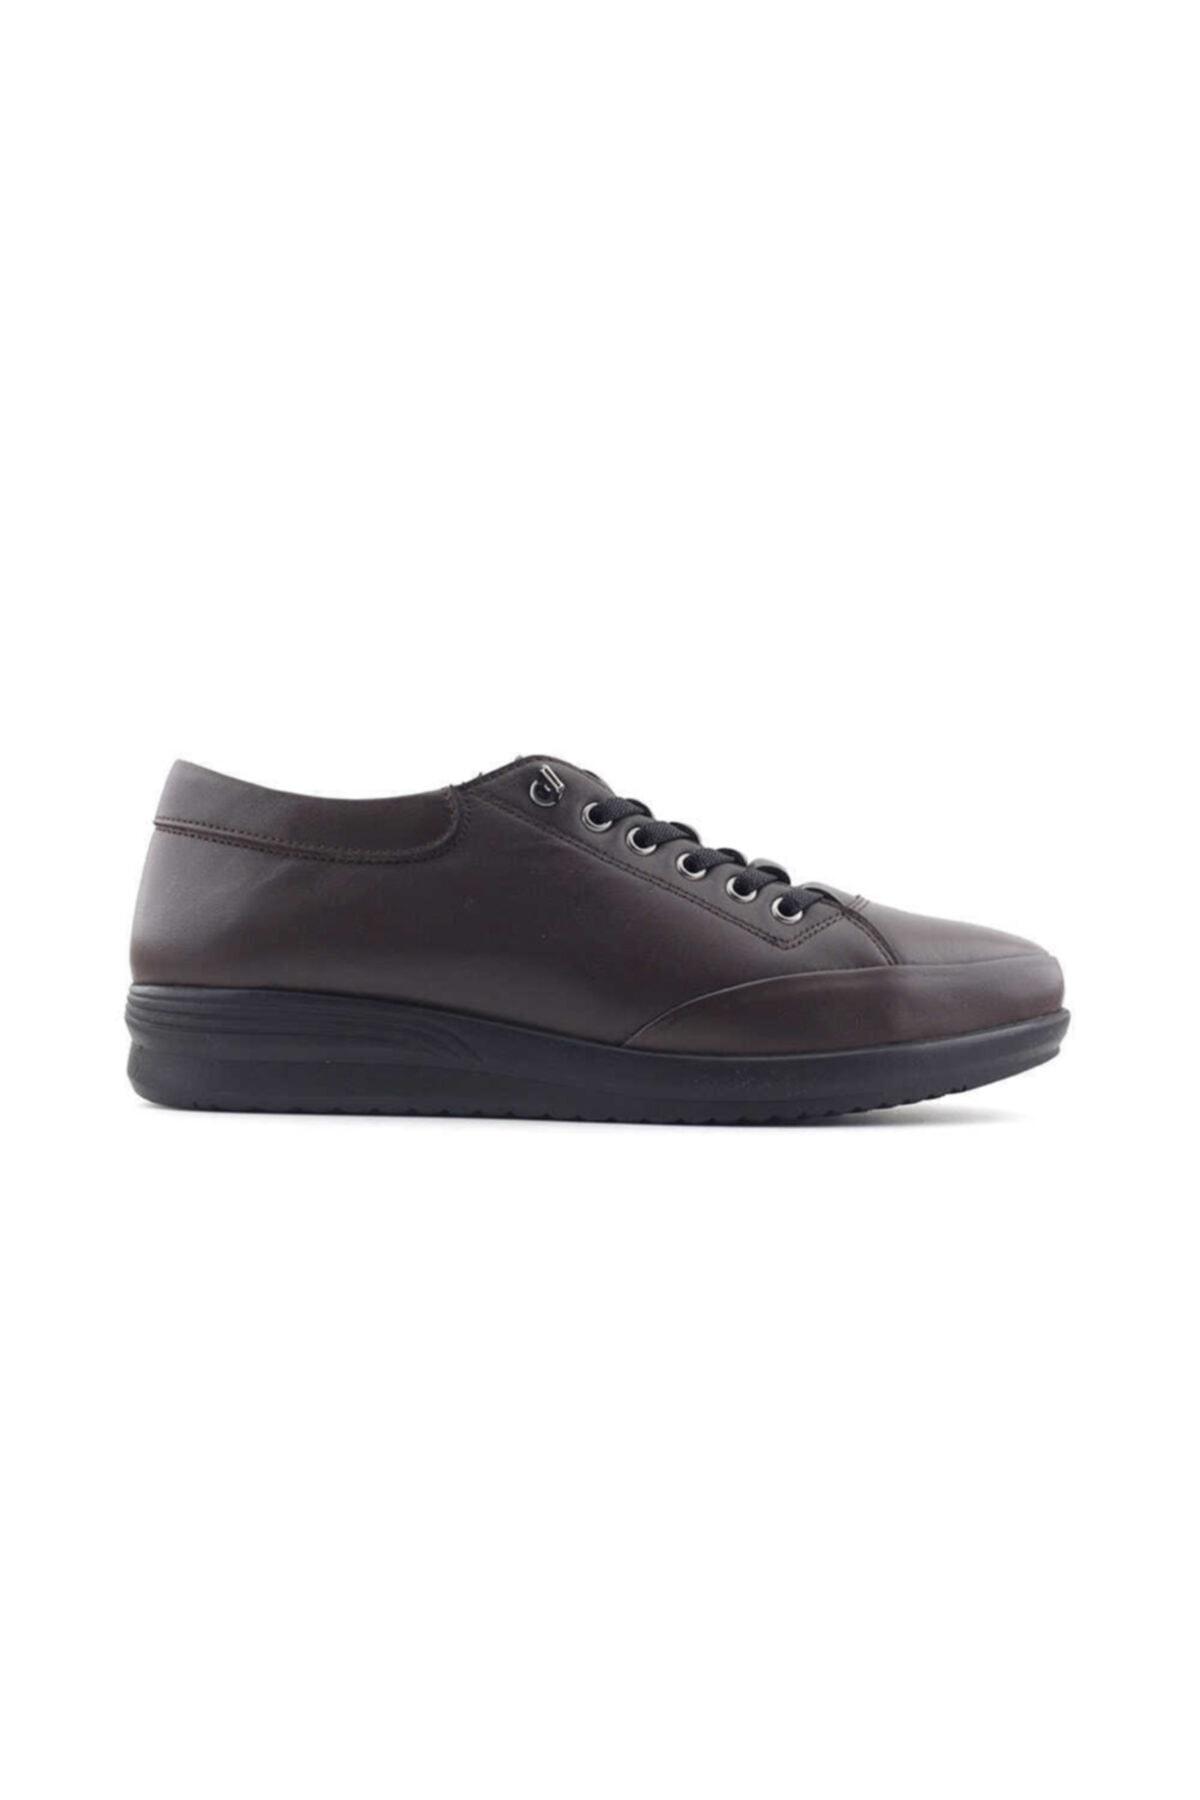 Kayra 05 Hakiki Deri Kadın Günlük Ayakkabı-kahverengi 1